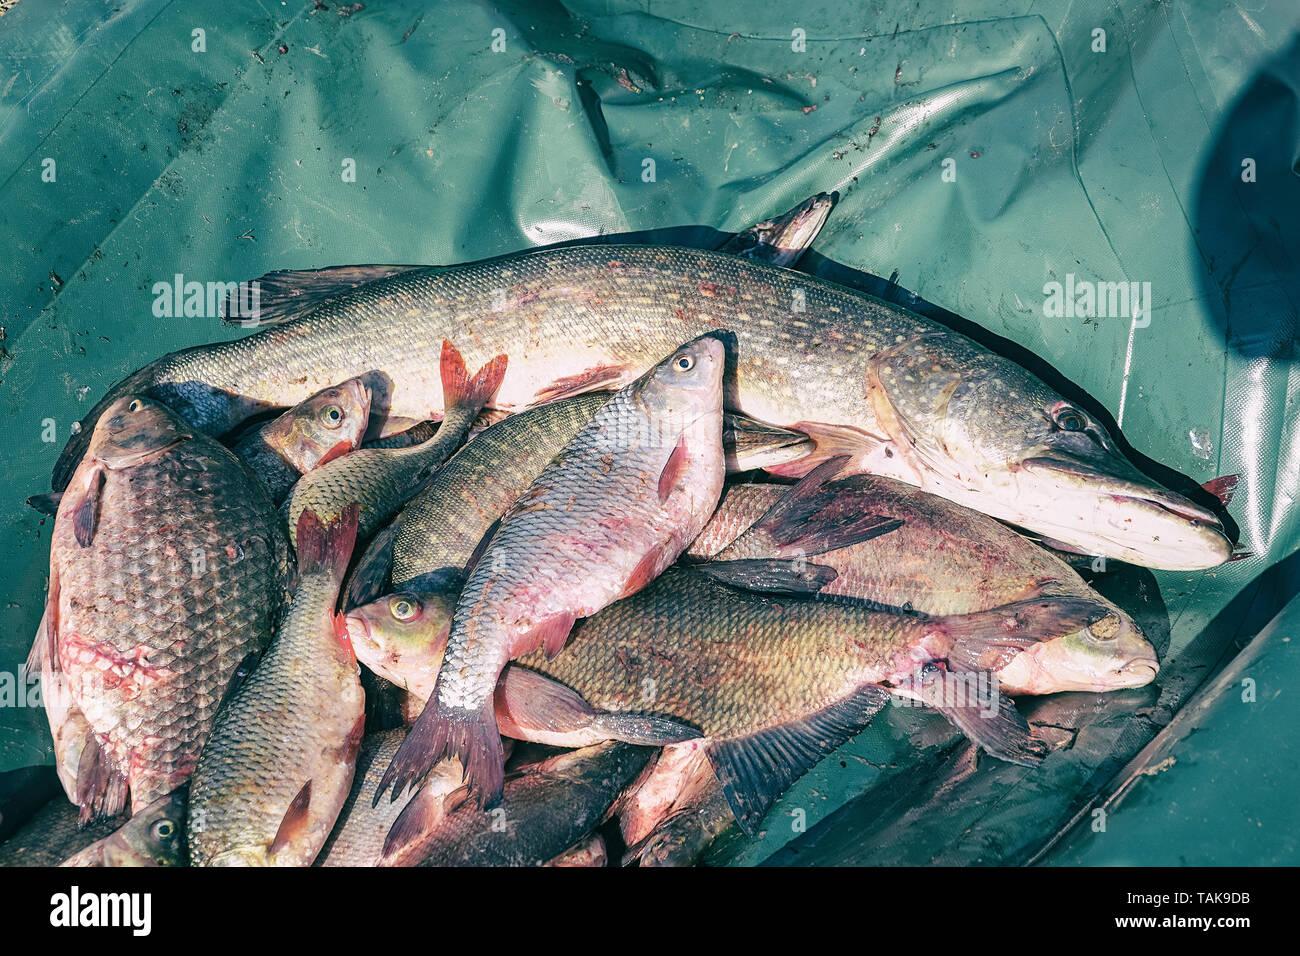 Viele Fische Dating-Seite uk